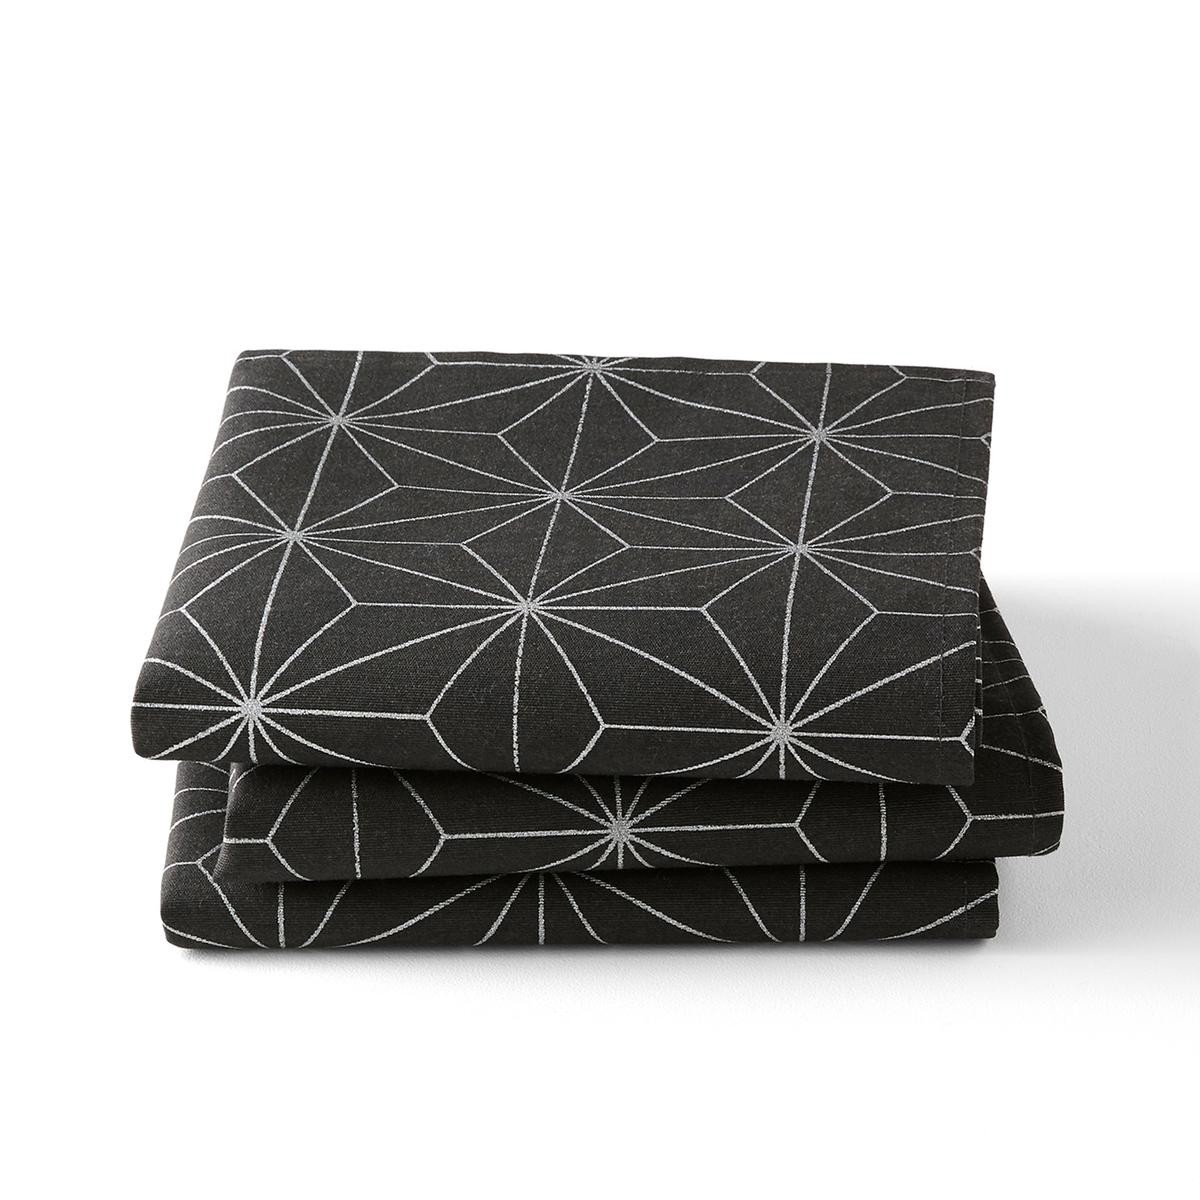 Комплект из салфеток с La Redoute Рисунком NORDIC STAR 45 x см серый